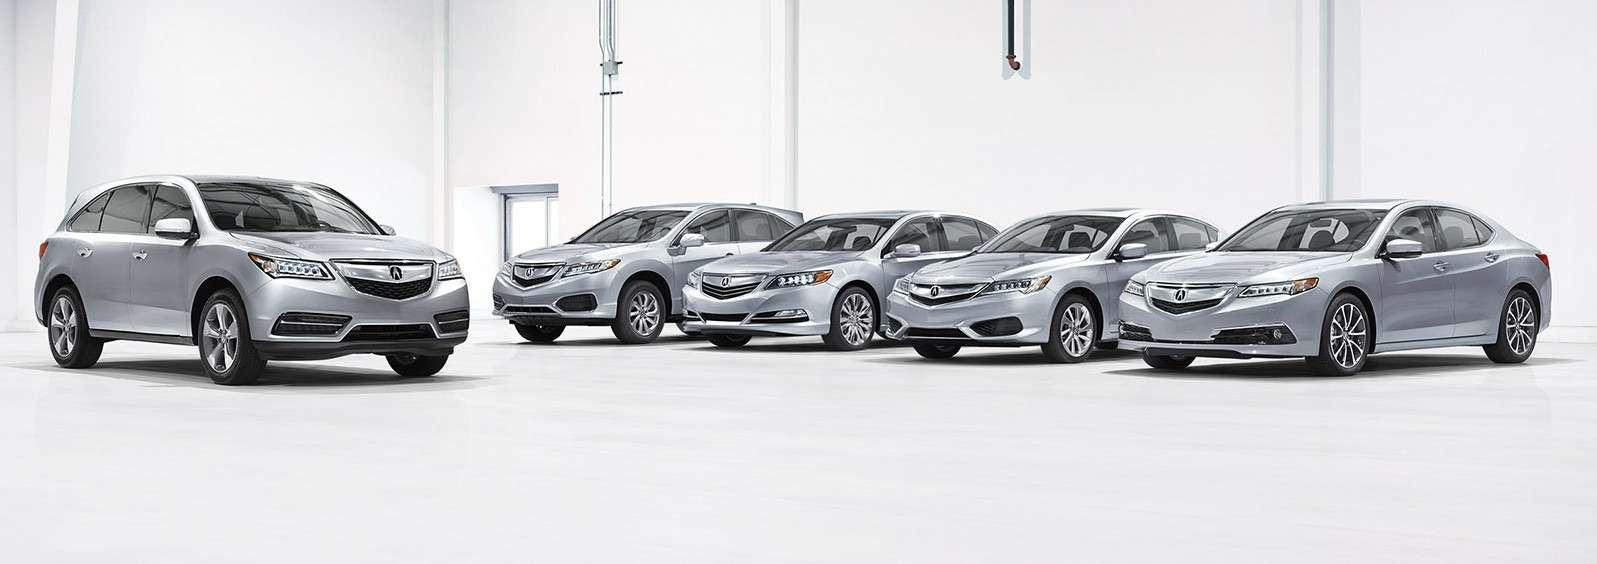 Автомобили марки Acura гораздо популярнее вСША. НоивРоссии уних были свои поклонники.